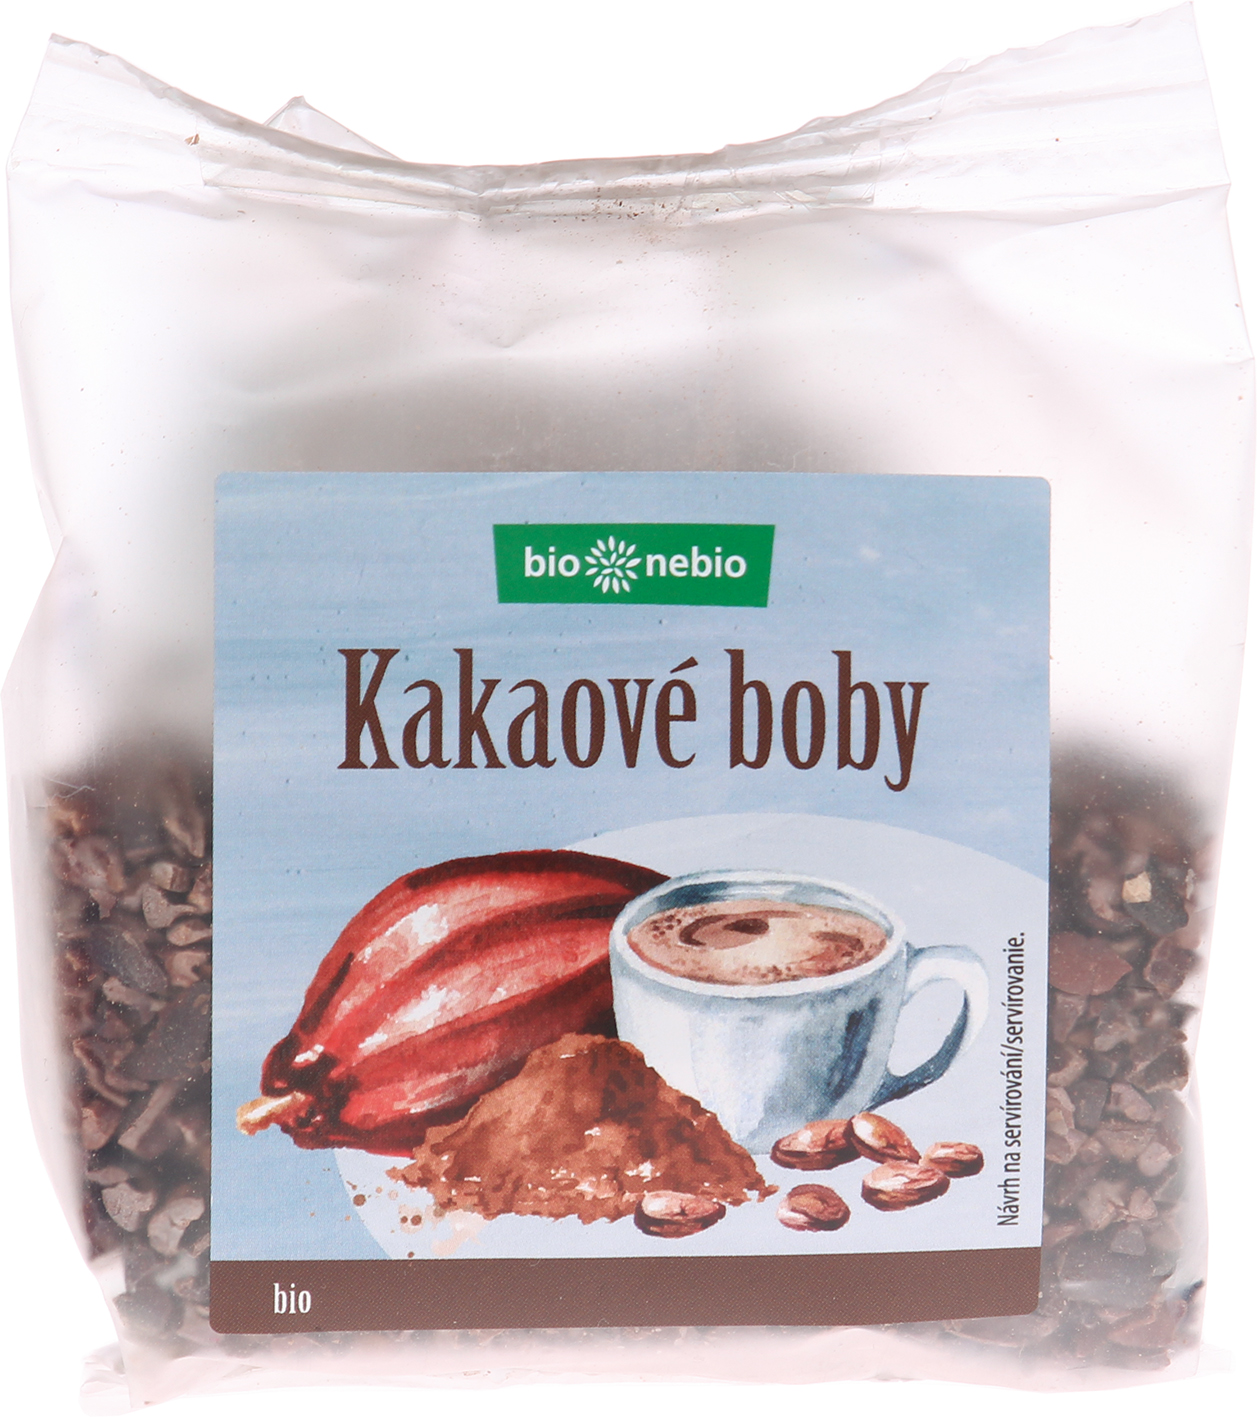 Bio kakaové boby drcené bio*nebio 100 g